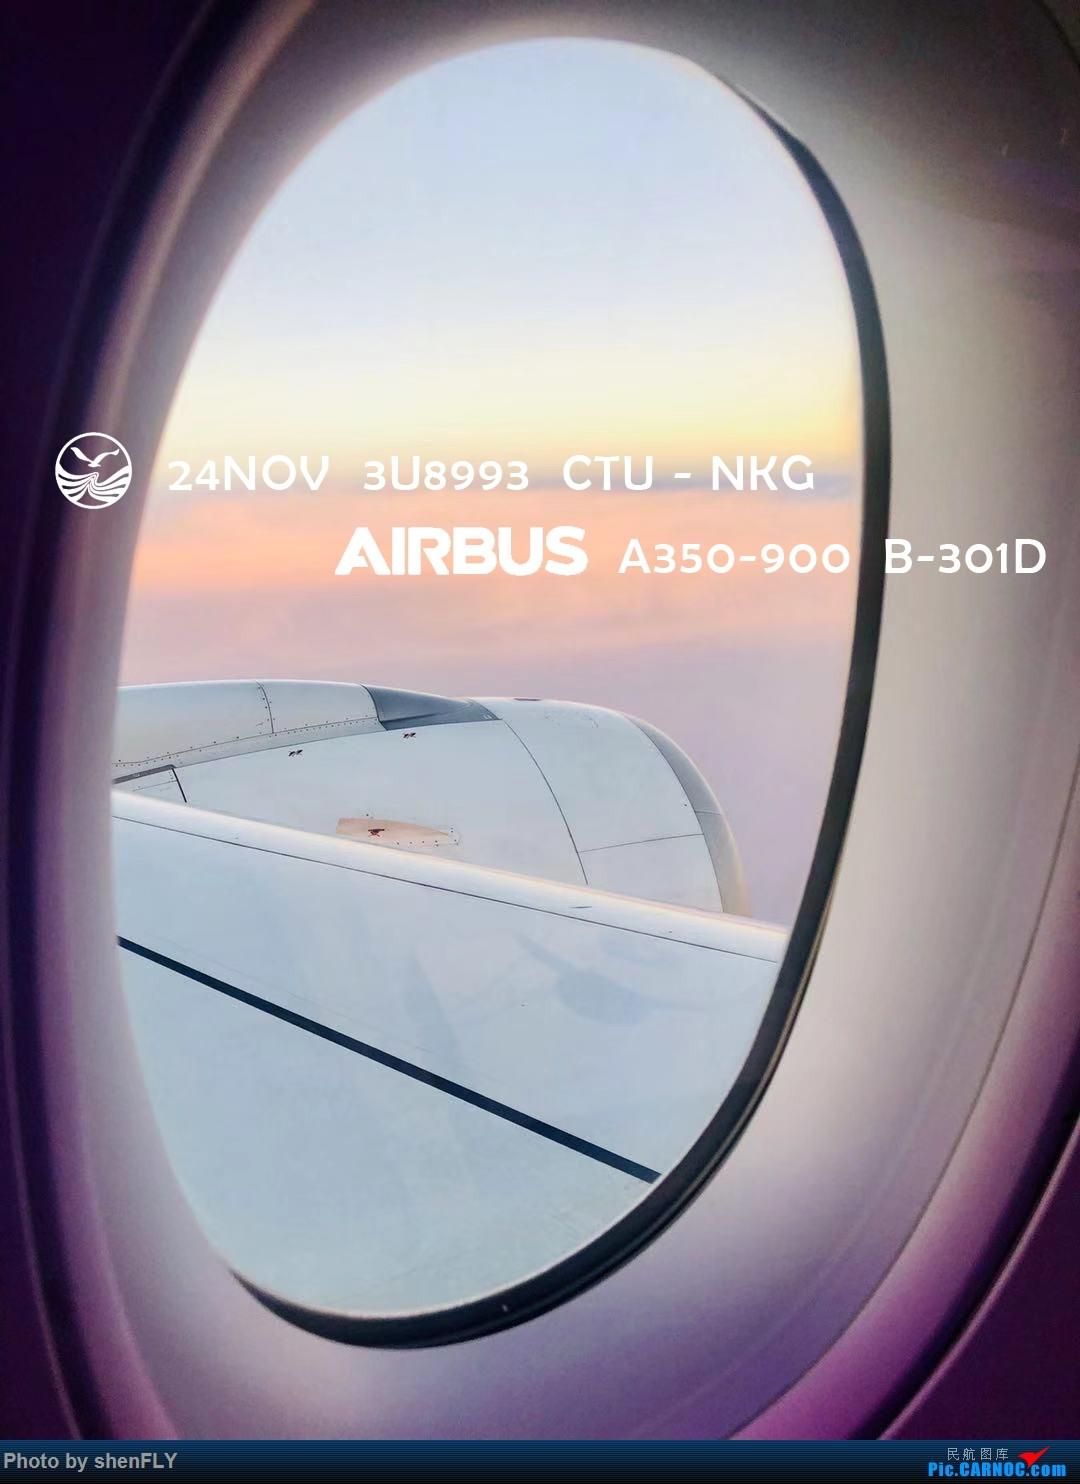 [原创]川航首架A350 B-301D飞天熊猫成都首航南京飞行游记